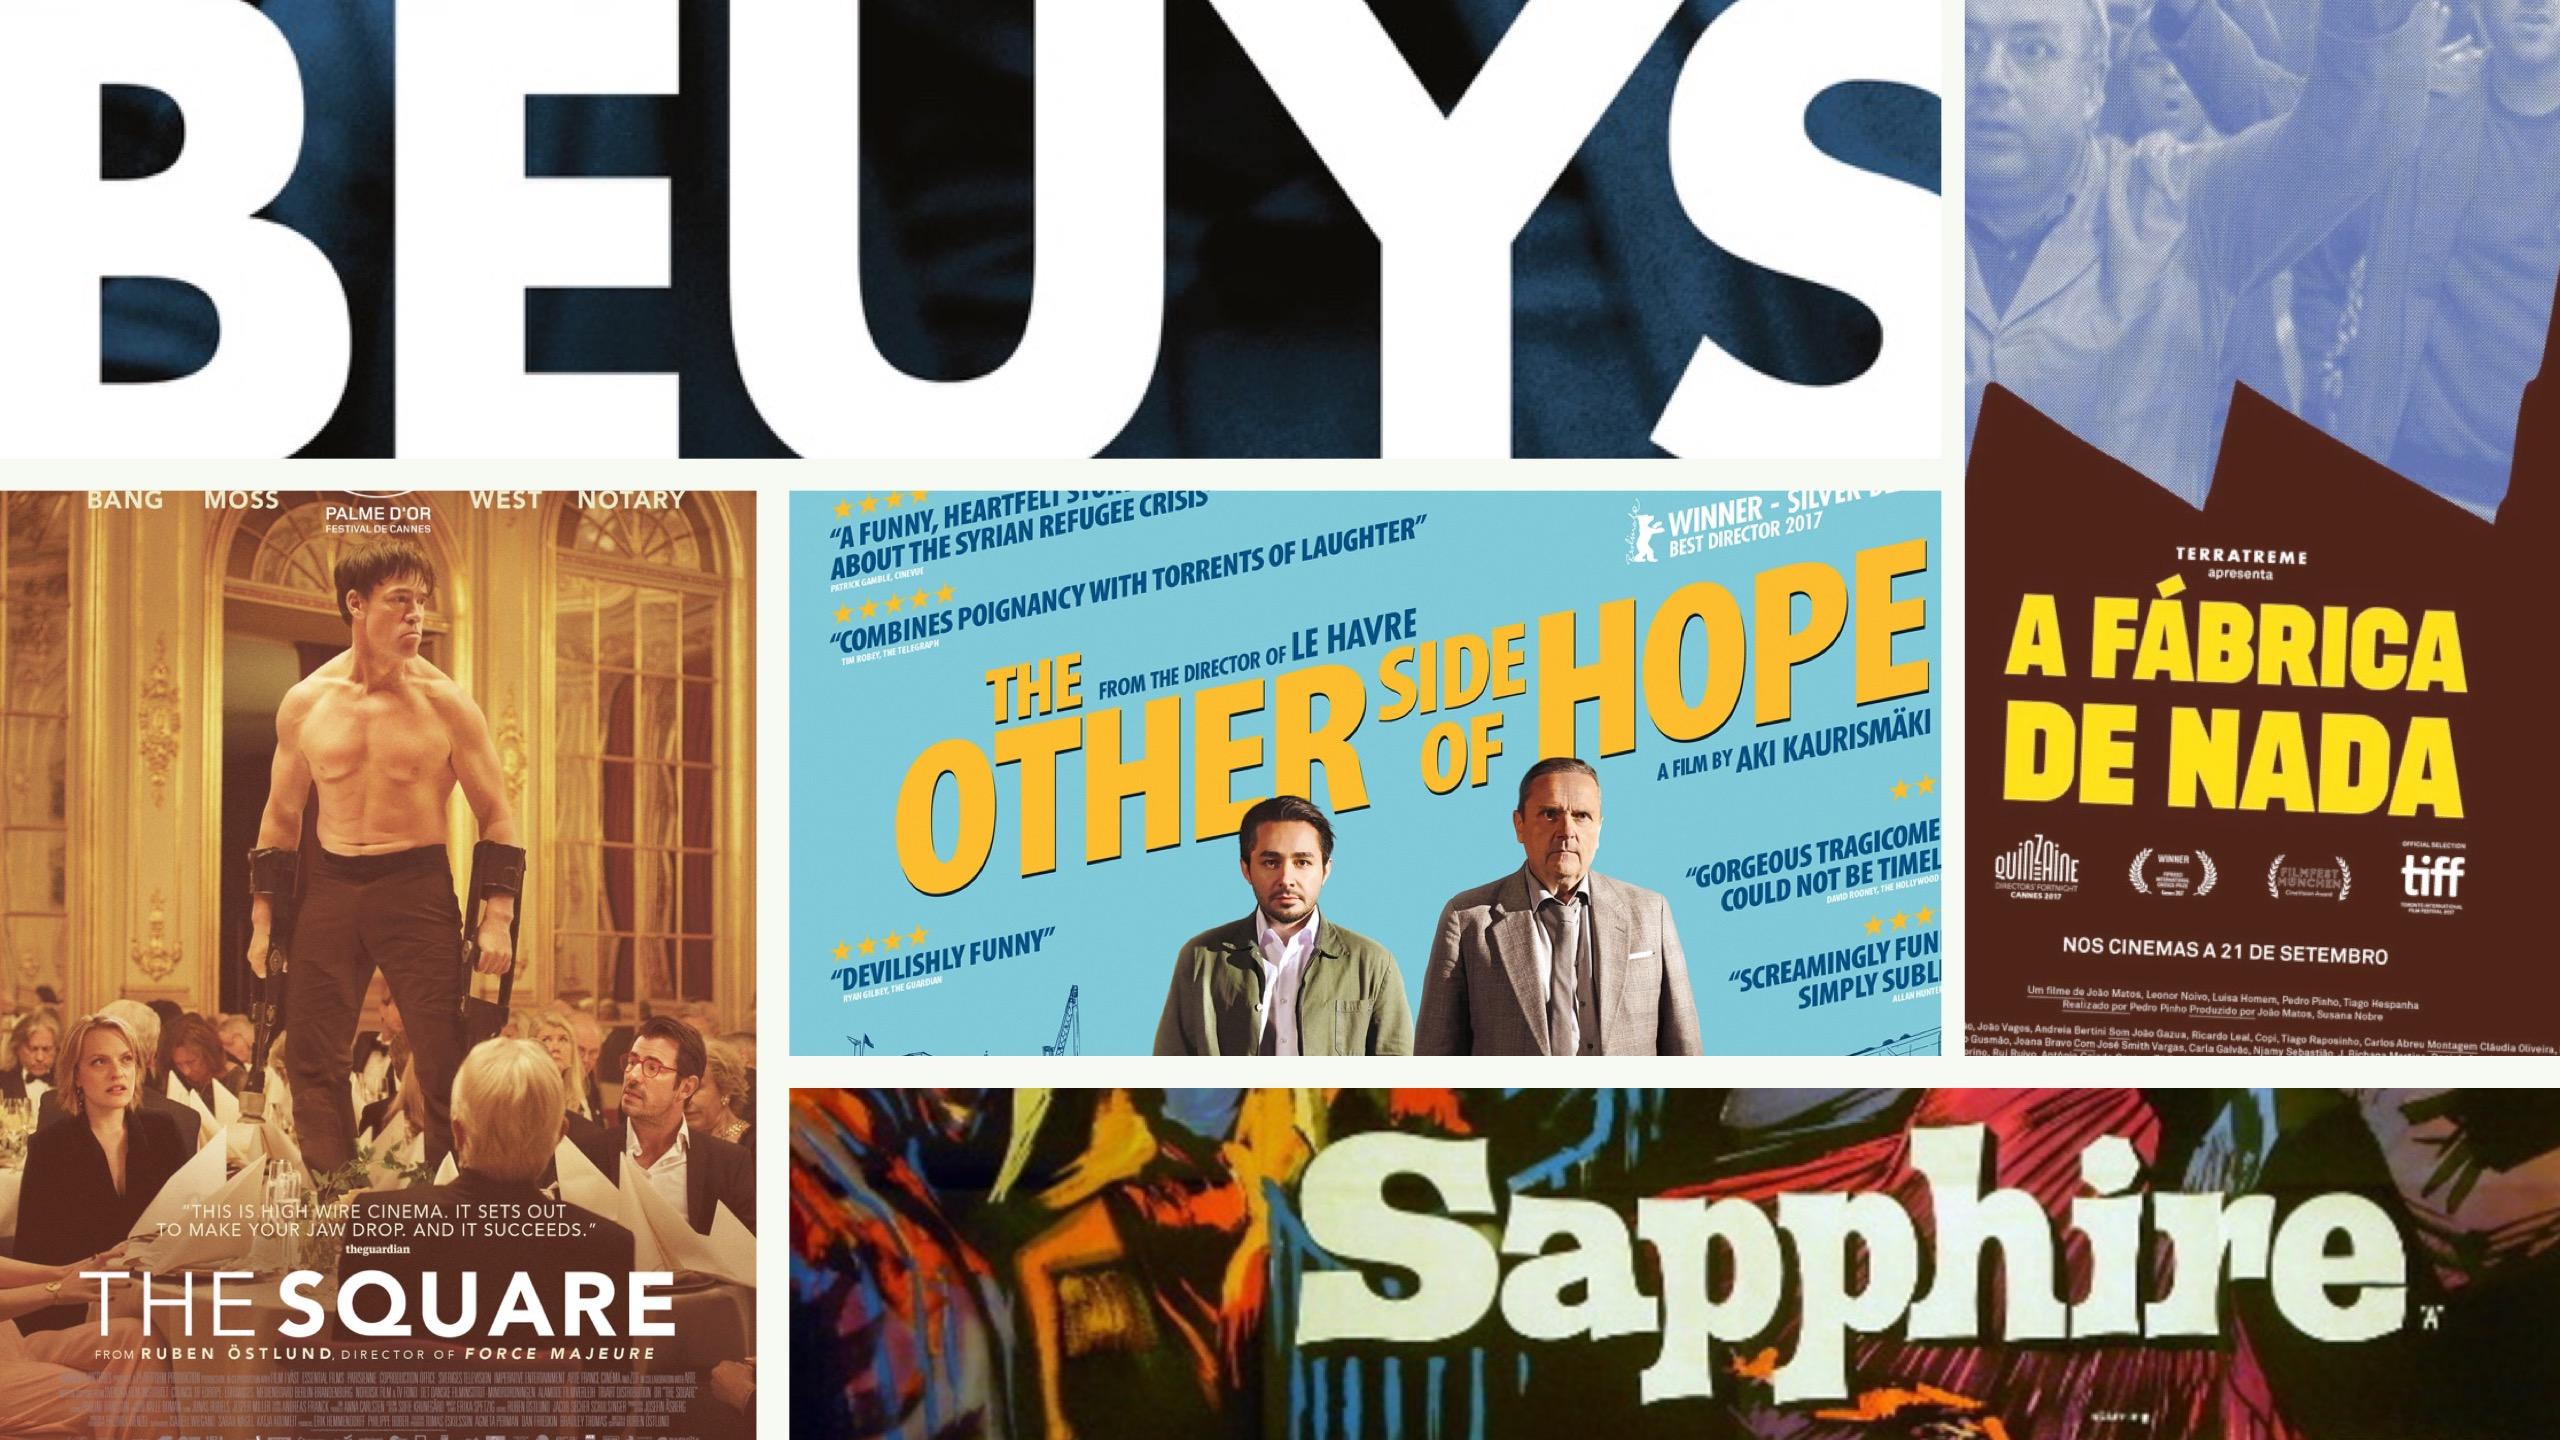 بعض أفلام اليوم الثالث من أيام بانوراما الفيلم الأوروبي